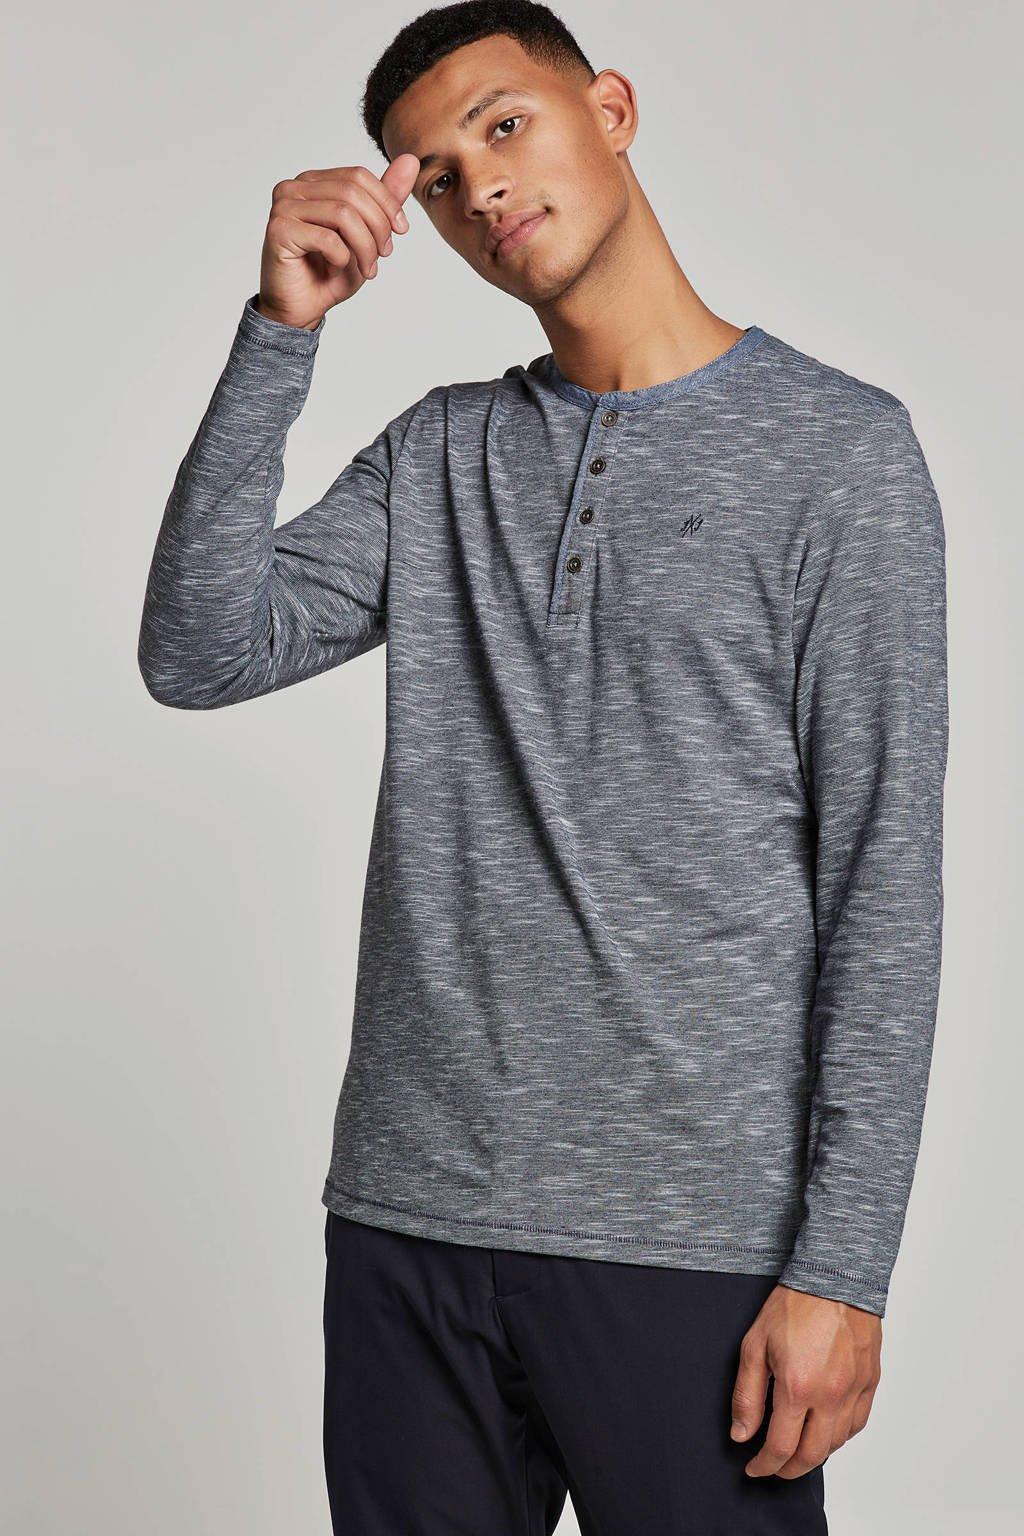 Jack & Jones Originals t-shirt longsleeves, Grijs/blauw